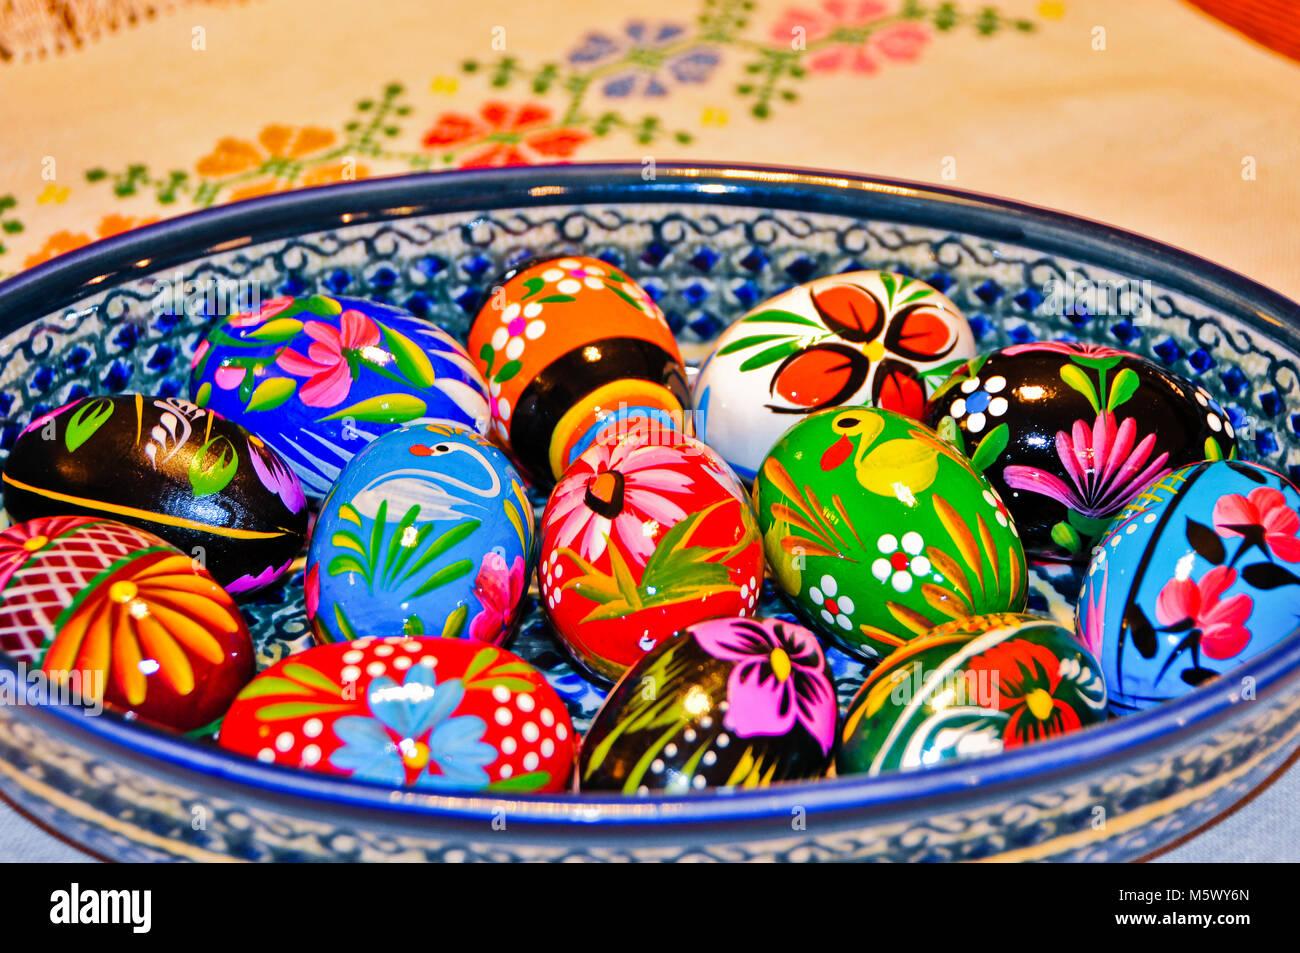 Uova Di Ceramica Dipinte A Mano.Colorato In Legno Dipinte A Mano Le Uova Di Pasqua In Una Coppa In